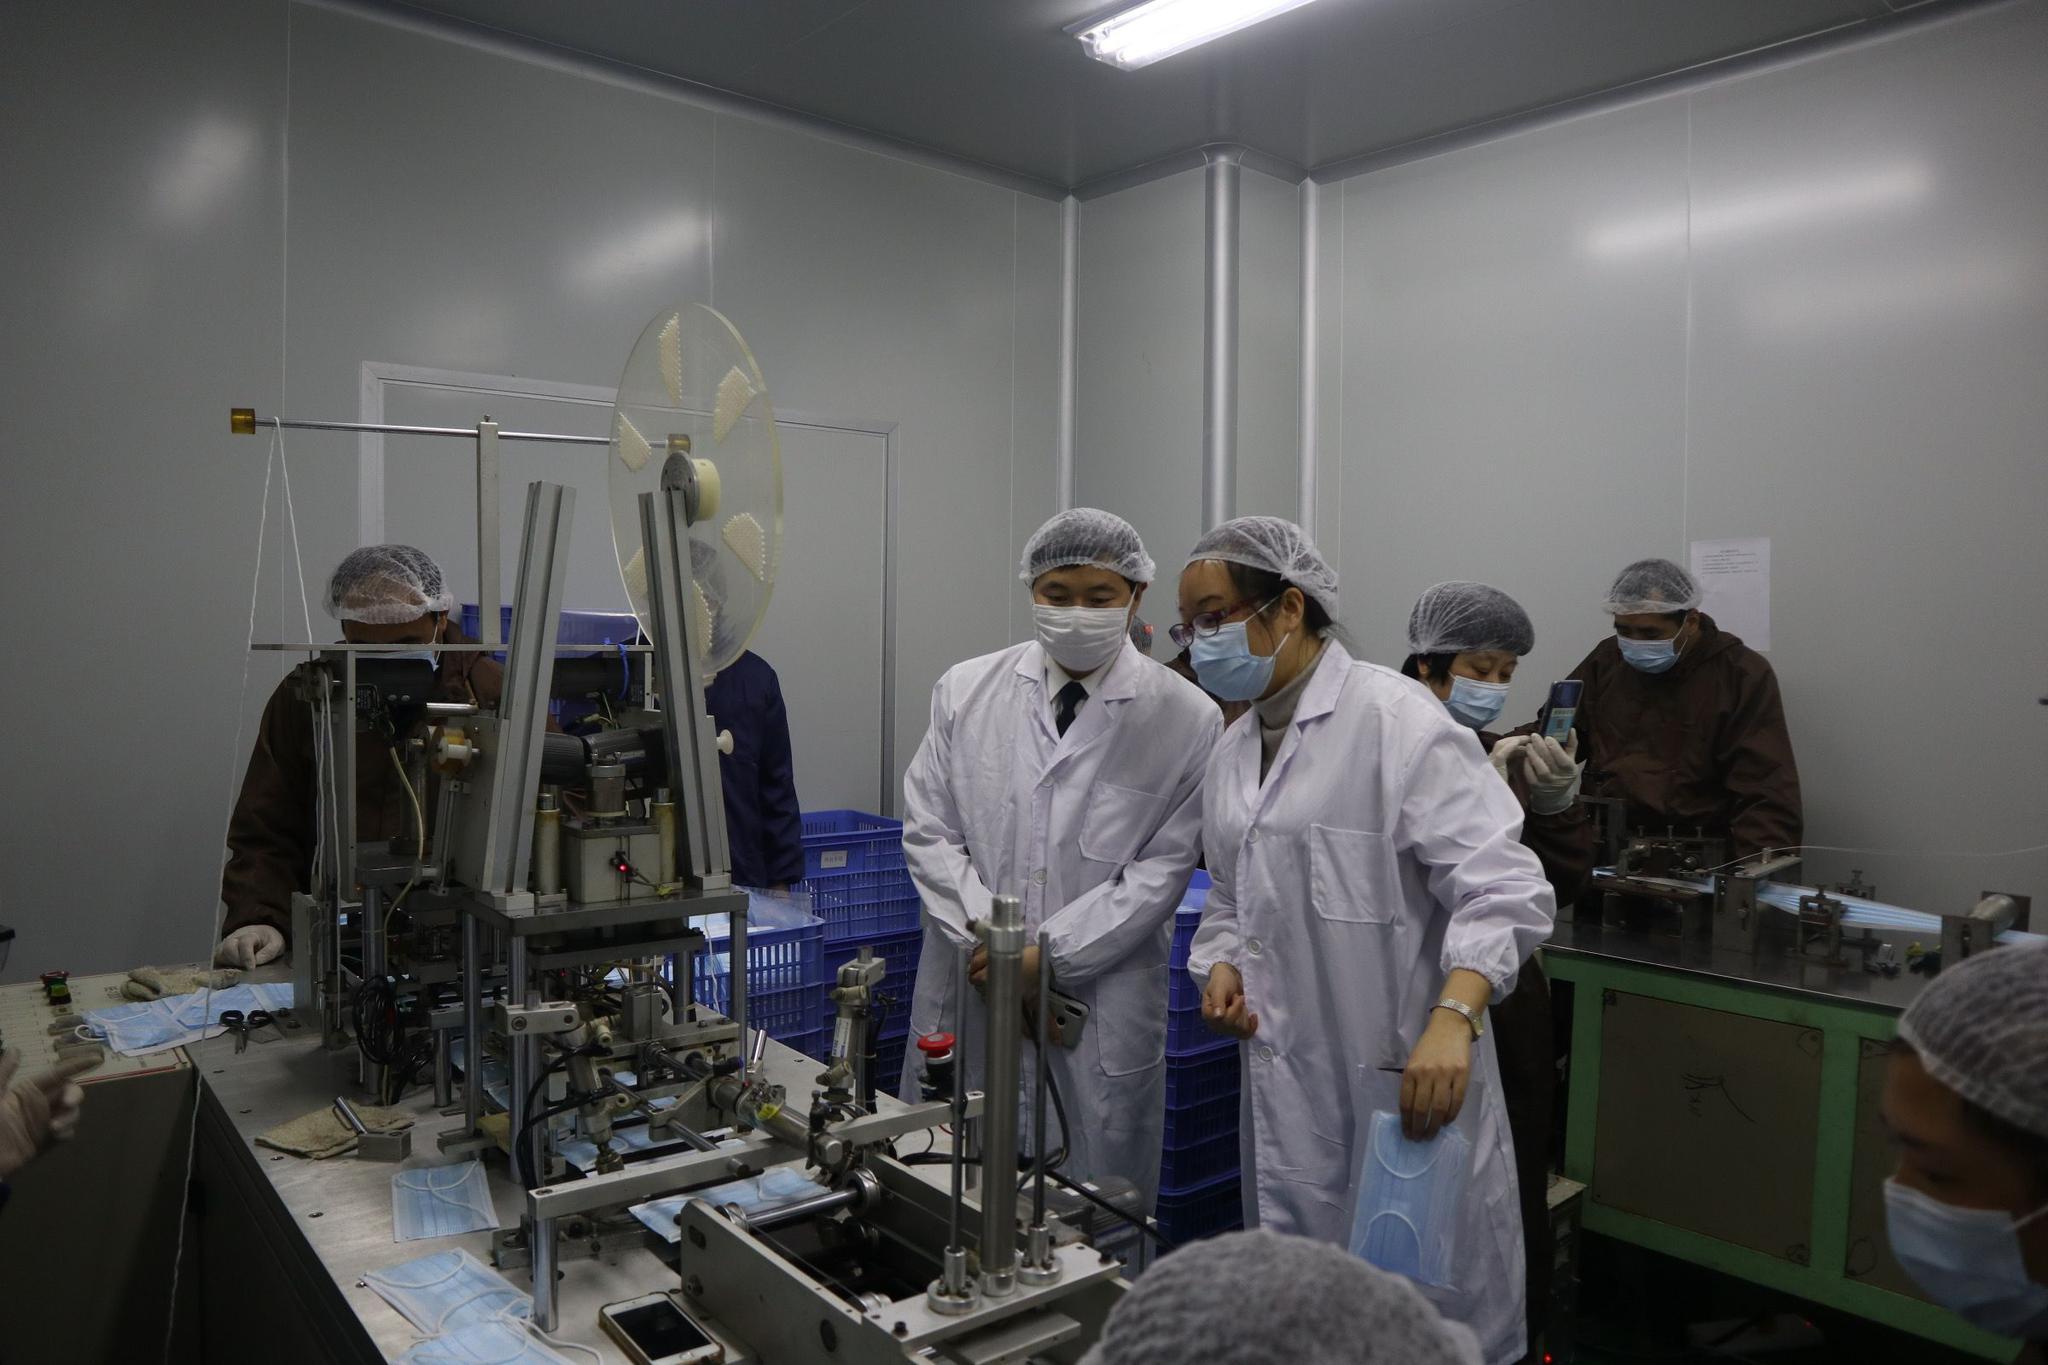 医用口罩紧缺,京沪法院联动为口罩生产企业解封账户复产图片